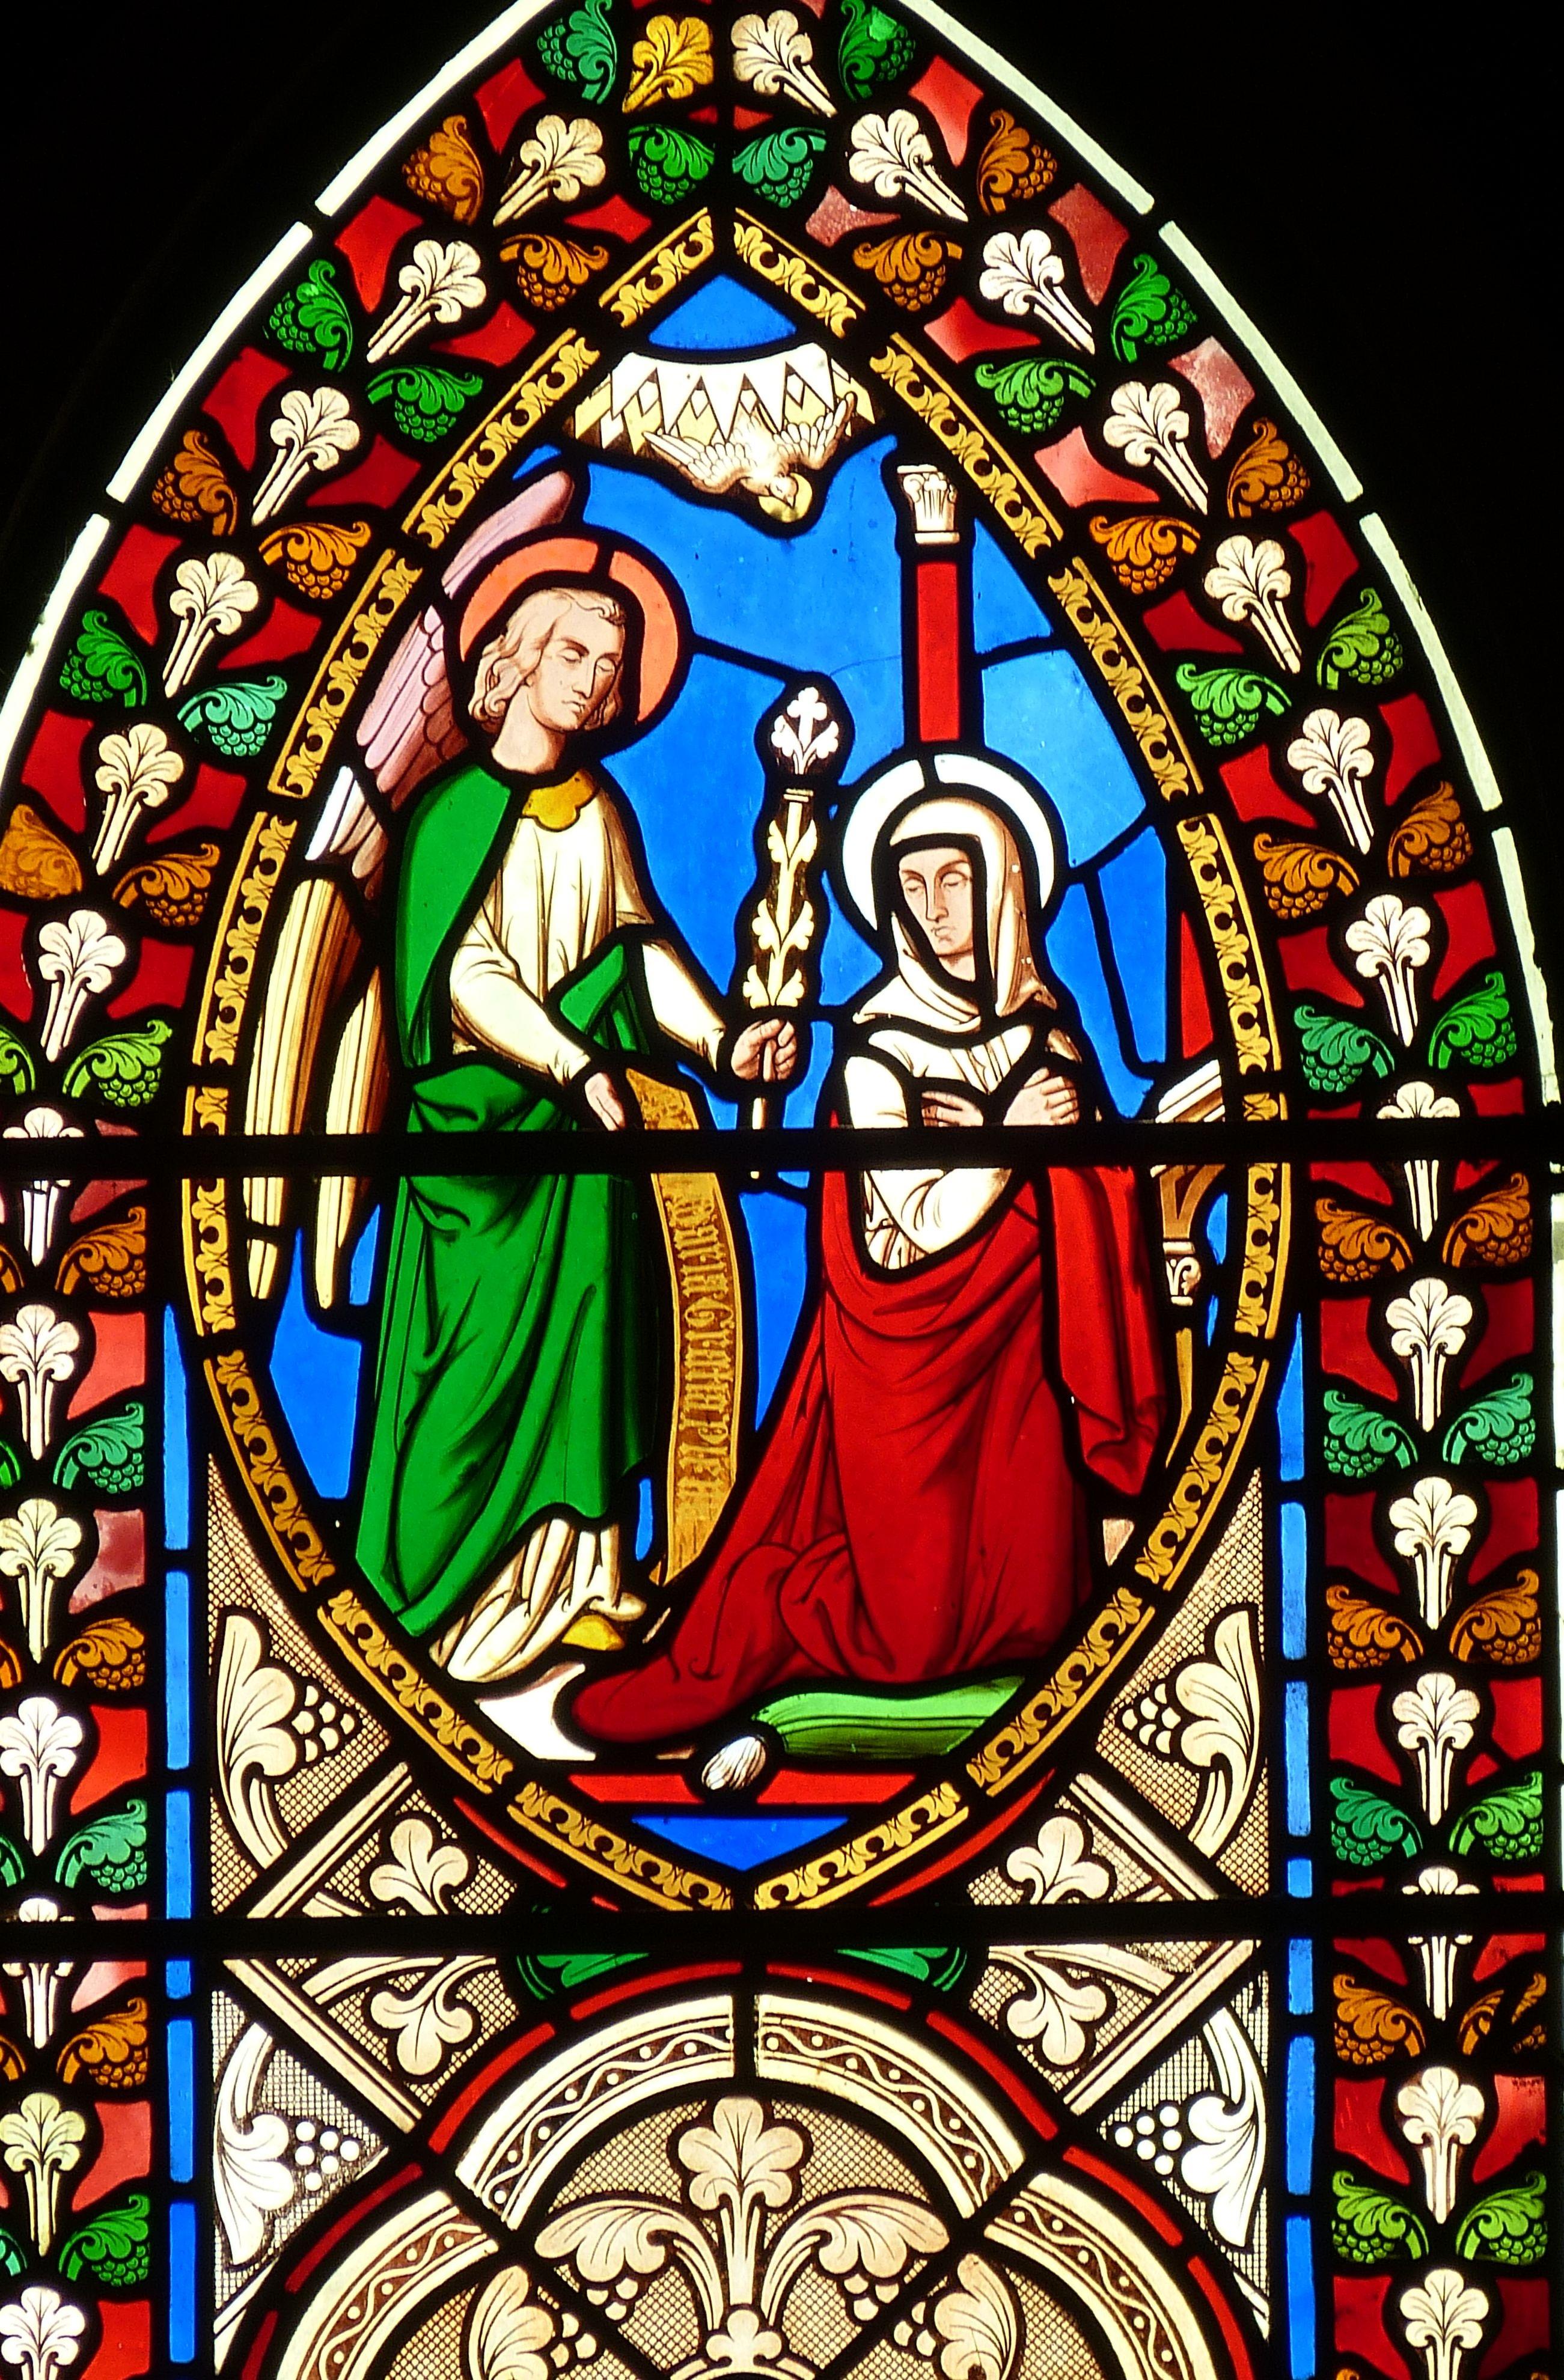 Fotos gratis : ventana, vaso, Iglesia, material, Vitral